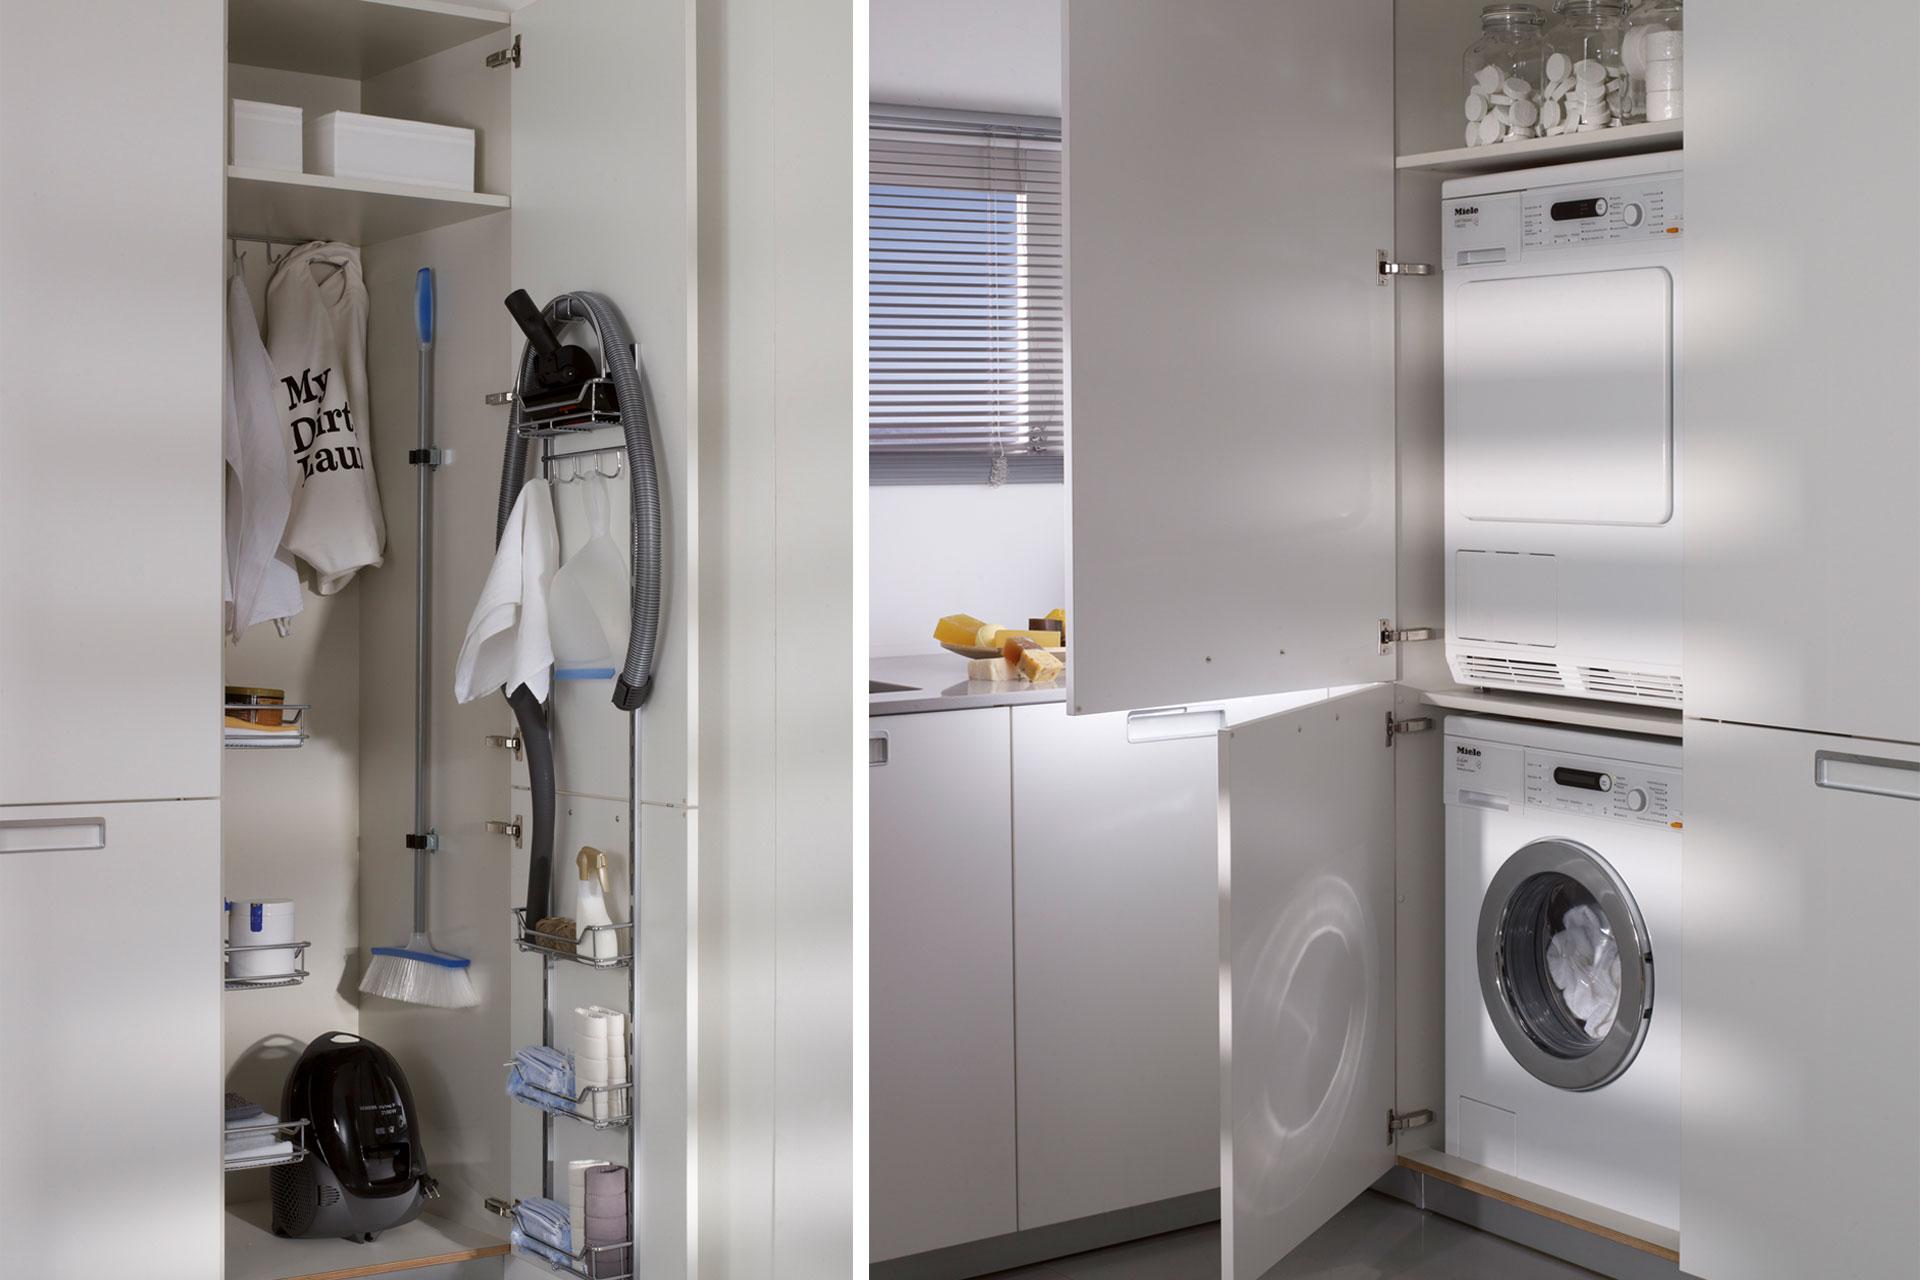 8 consejos para mantener tu cocina ordenada   Lavandería y limpieza   Cocinas Santos   Santiago Interiores